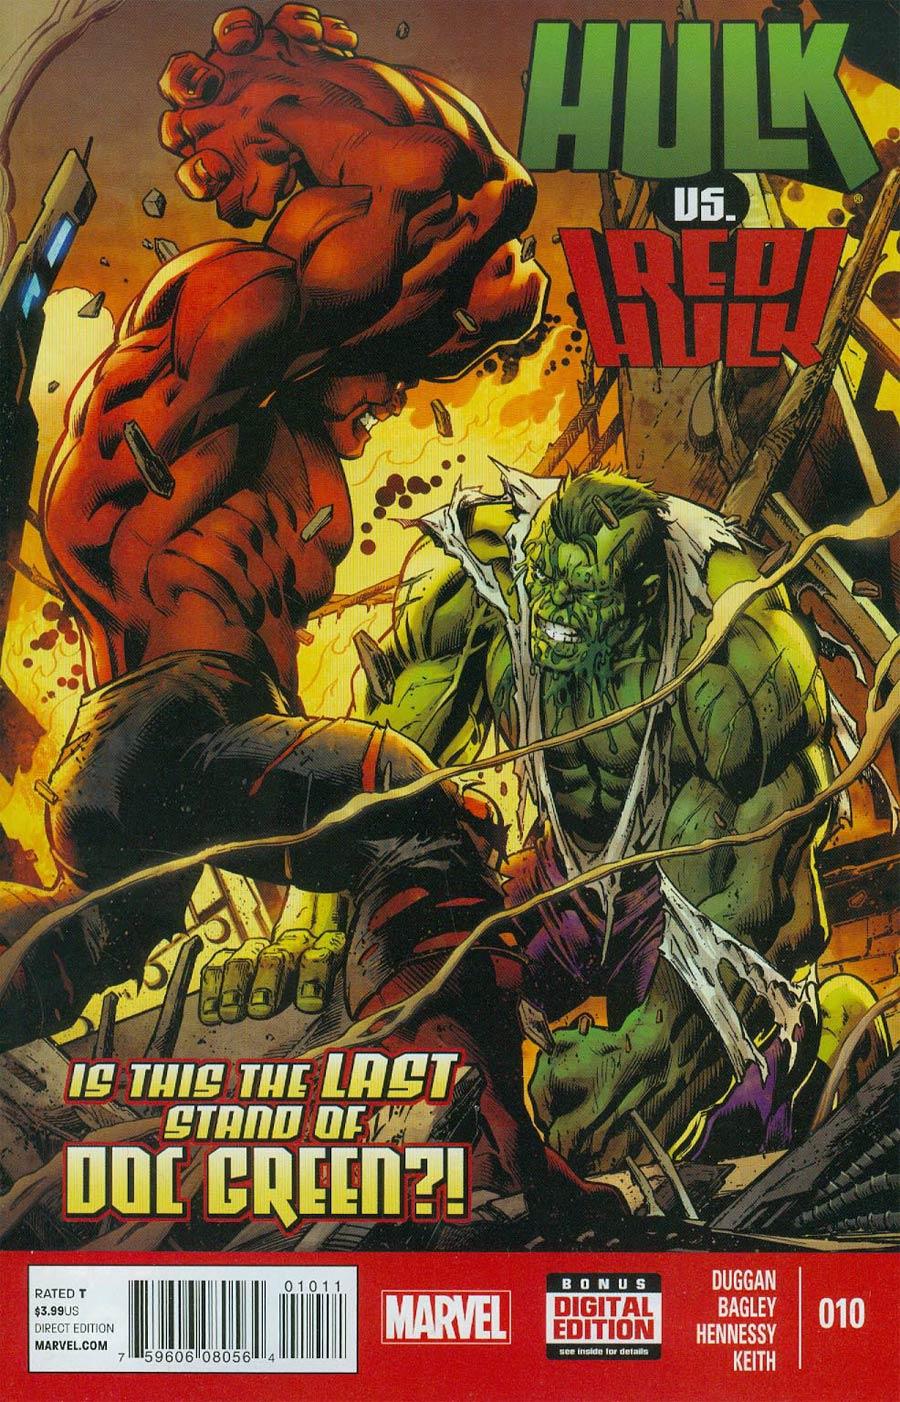 Hulk Vol 3 #10 Cover A Regular Mark Bagley Cover